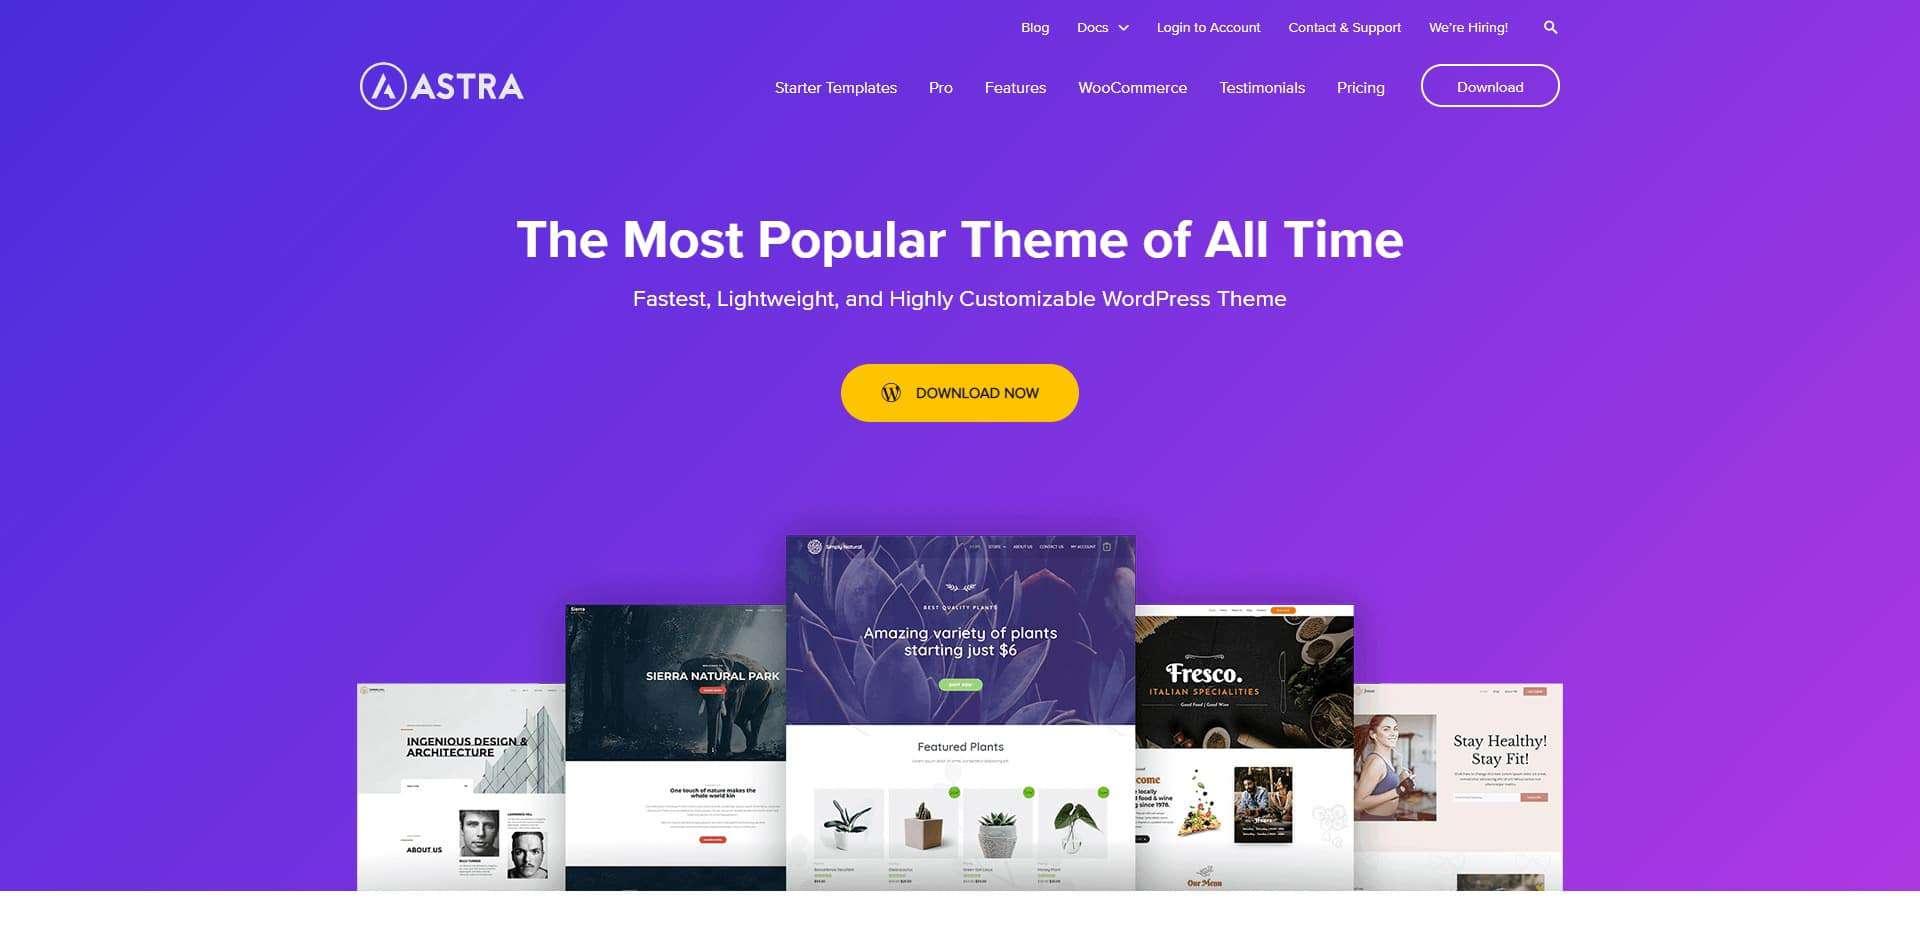 WP Astra WordPress Theme